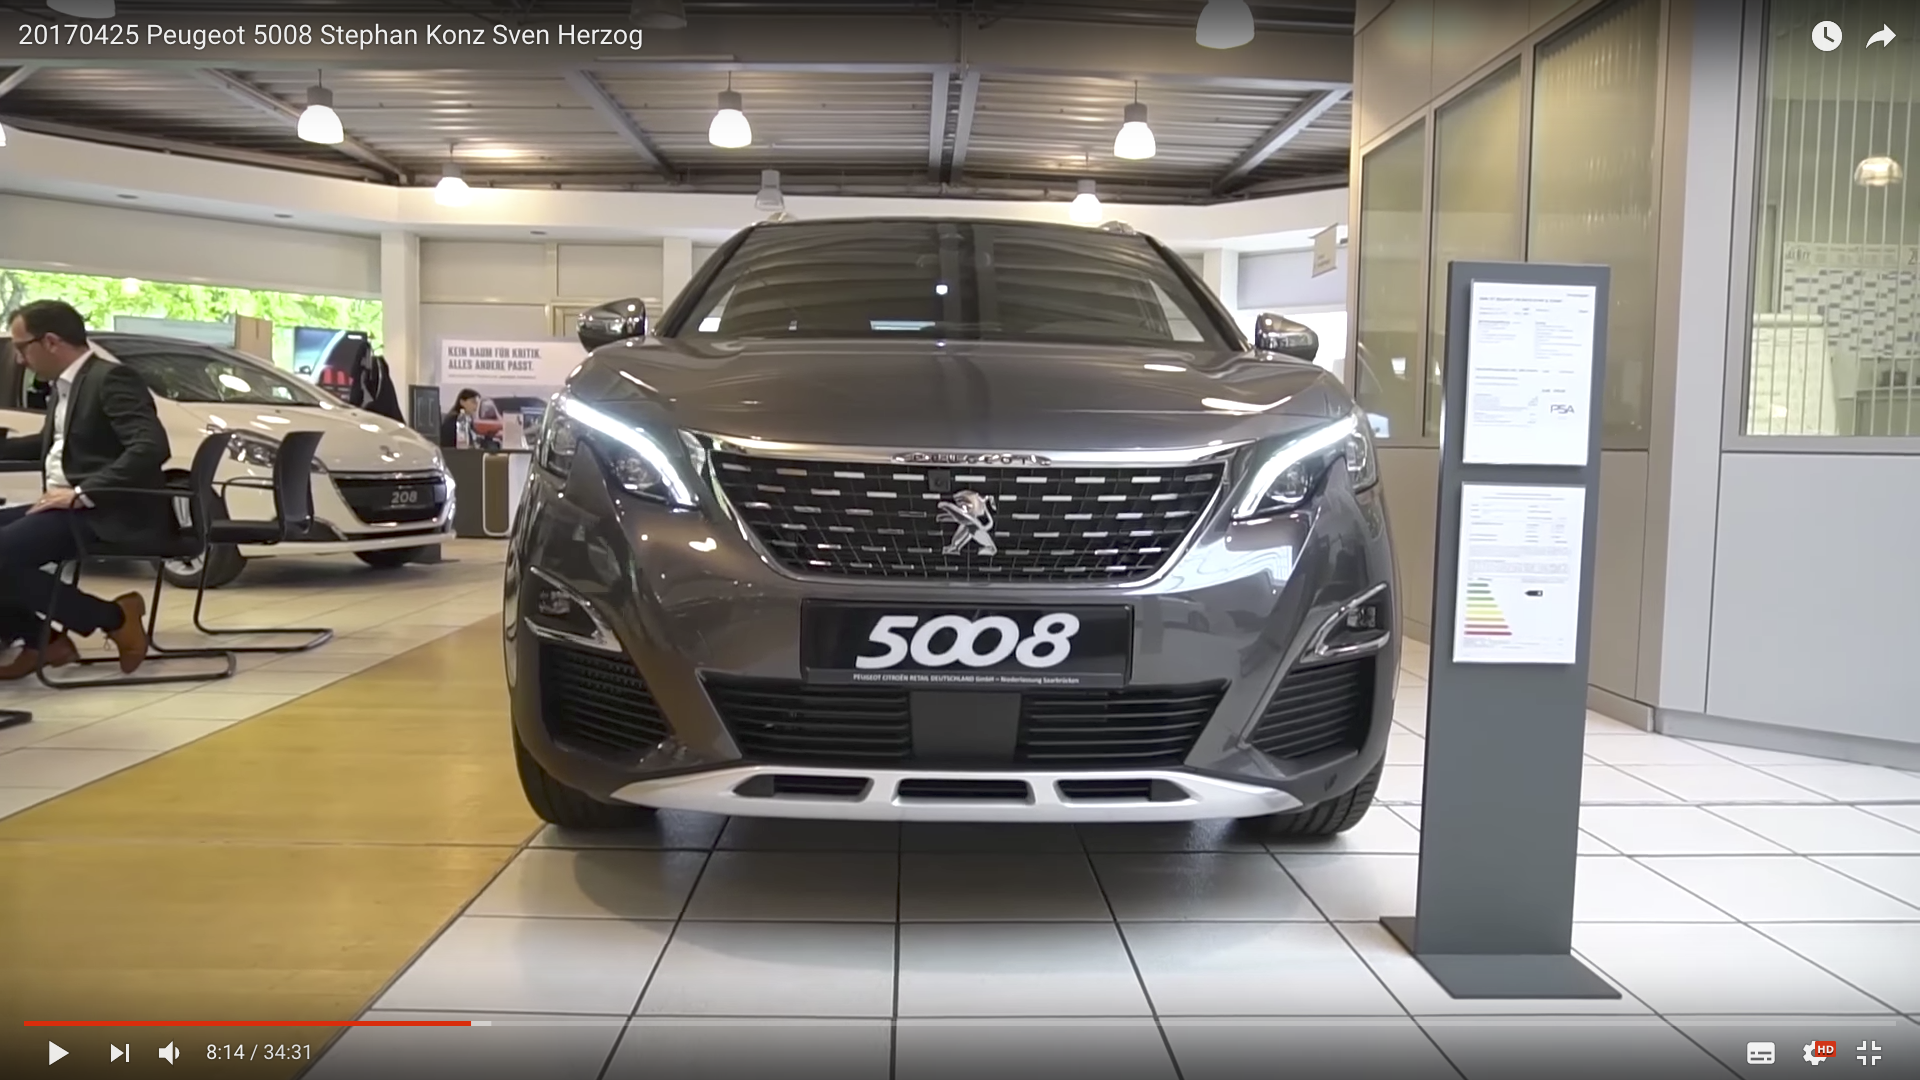 2017 Peugeot 5008 Peugeot 5008 _MSM_MEDIEN_SAAR_MOSEL_SAARLAND_FERNSEHEN_1_ED_SAAR